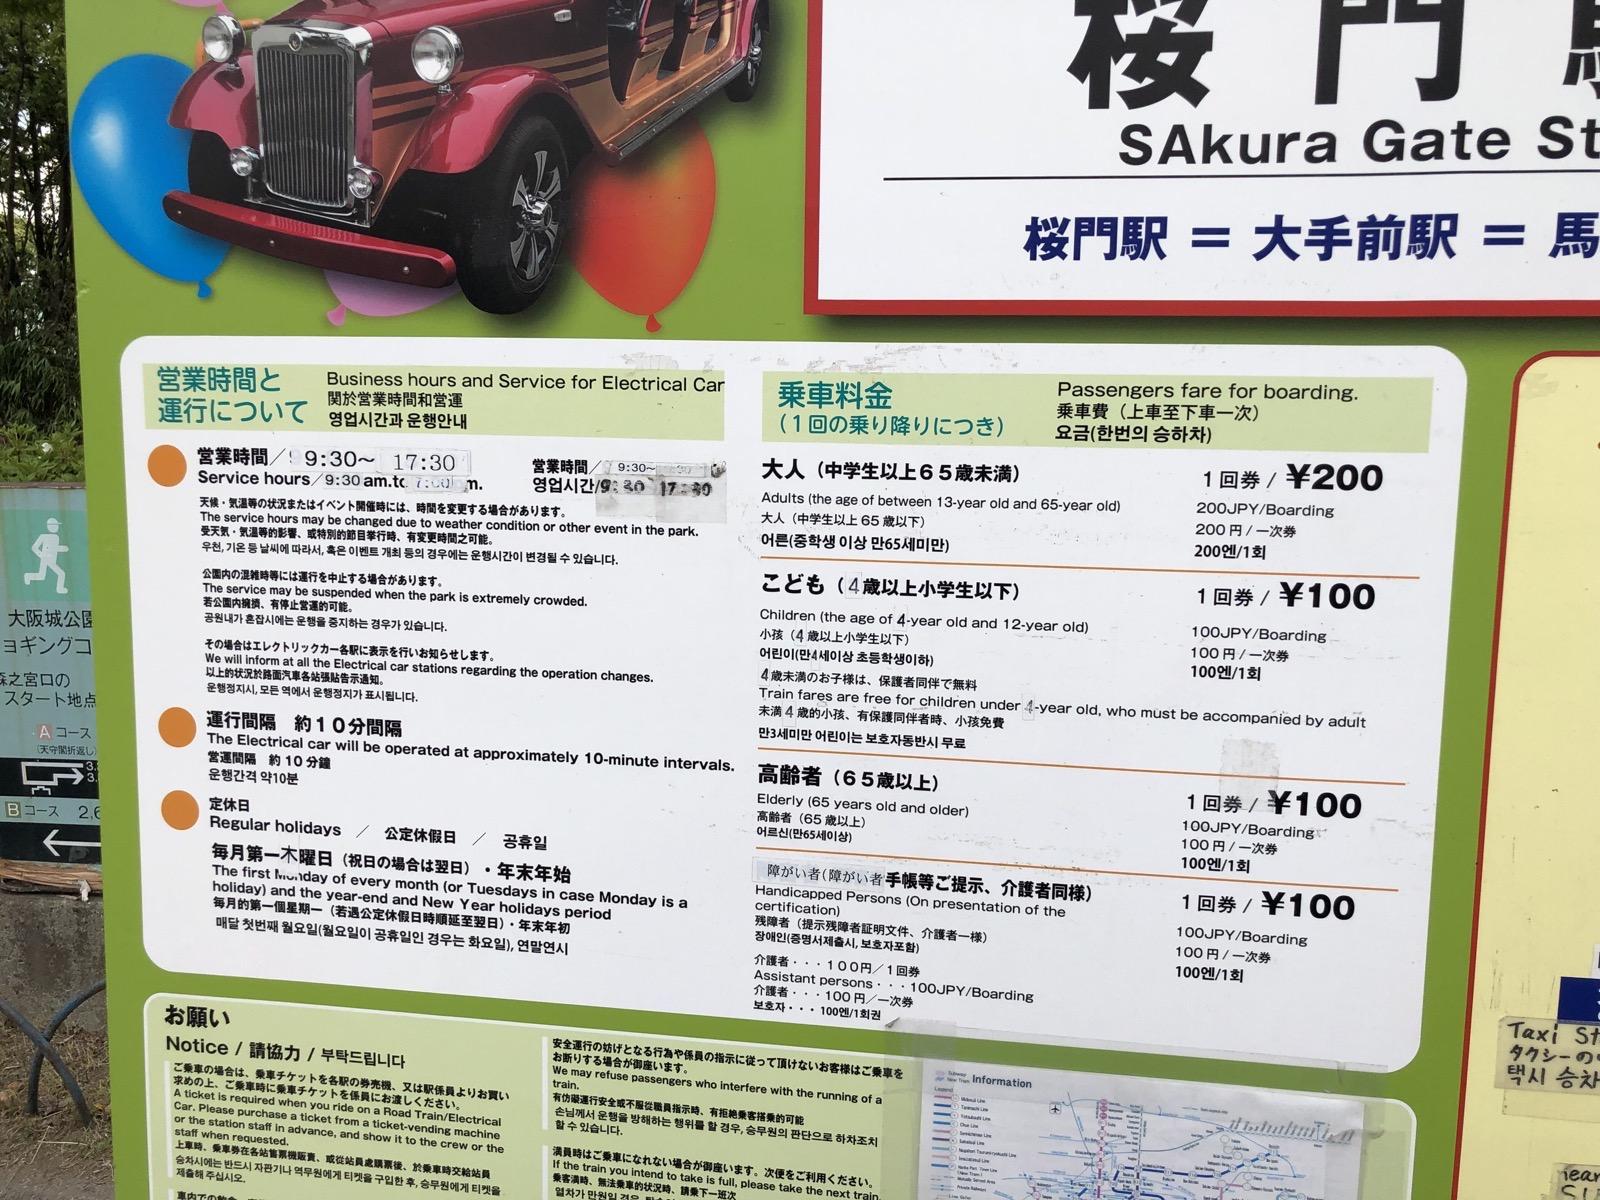 エレクトリックカーの詳細